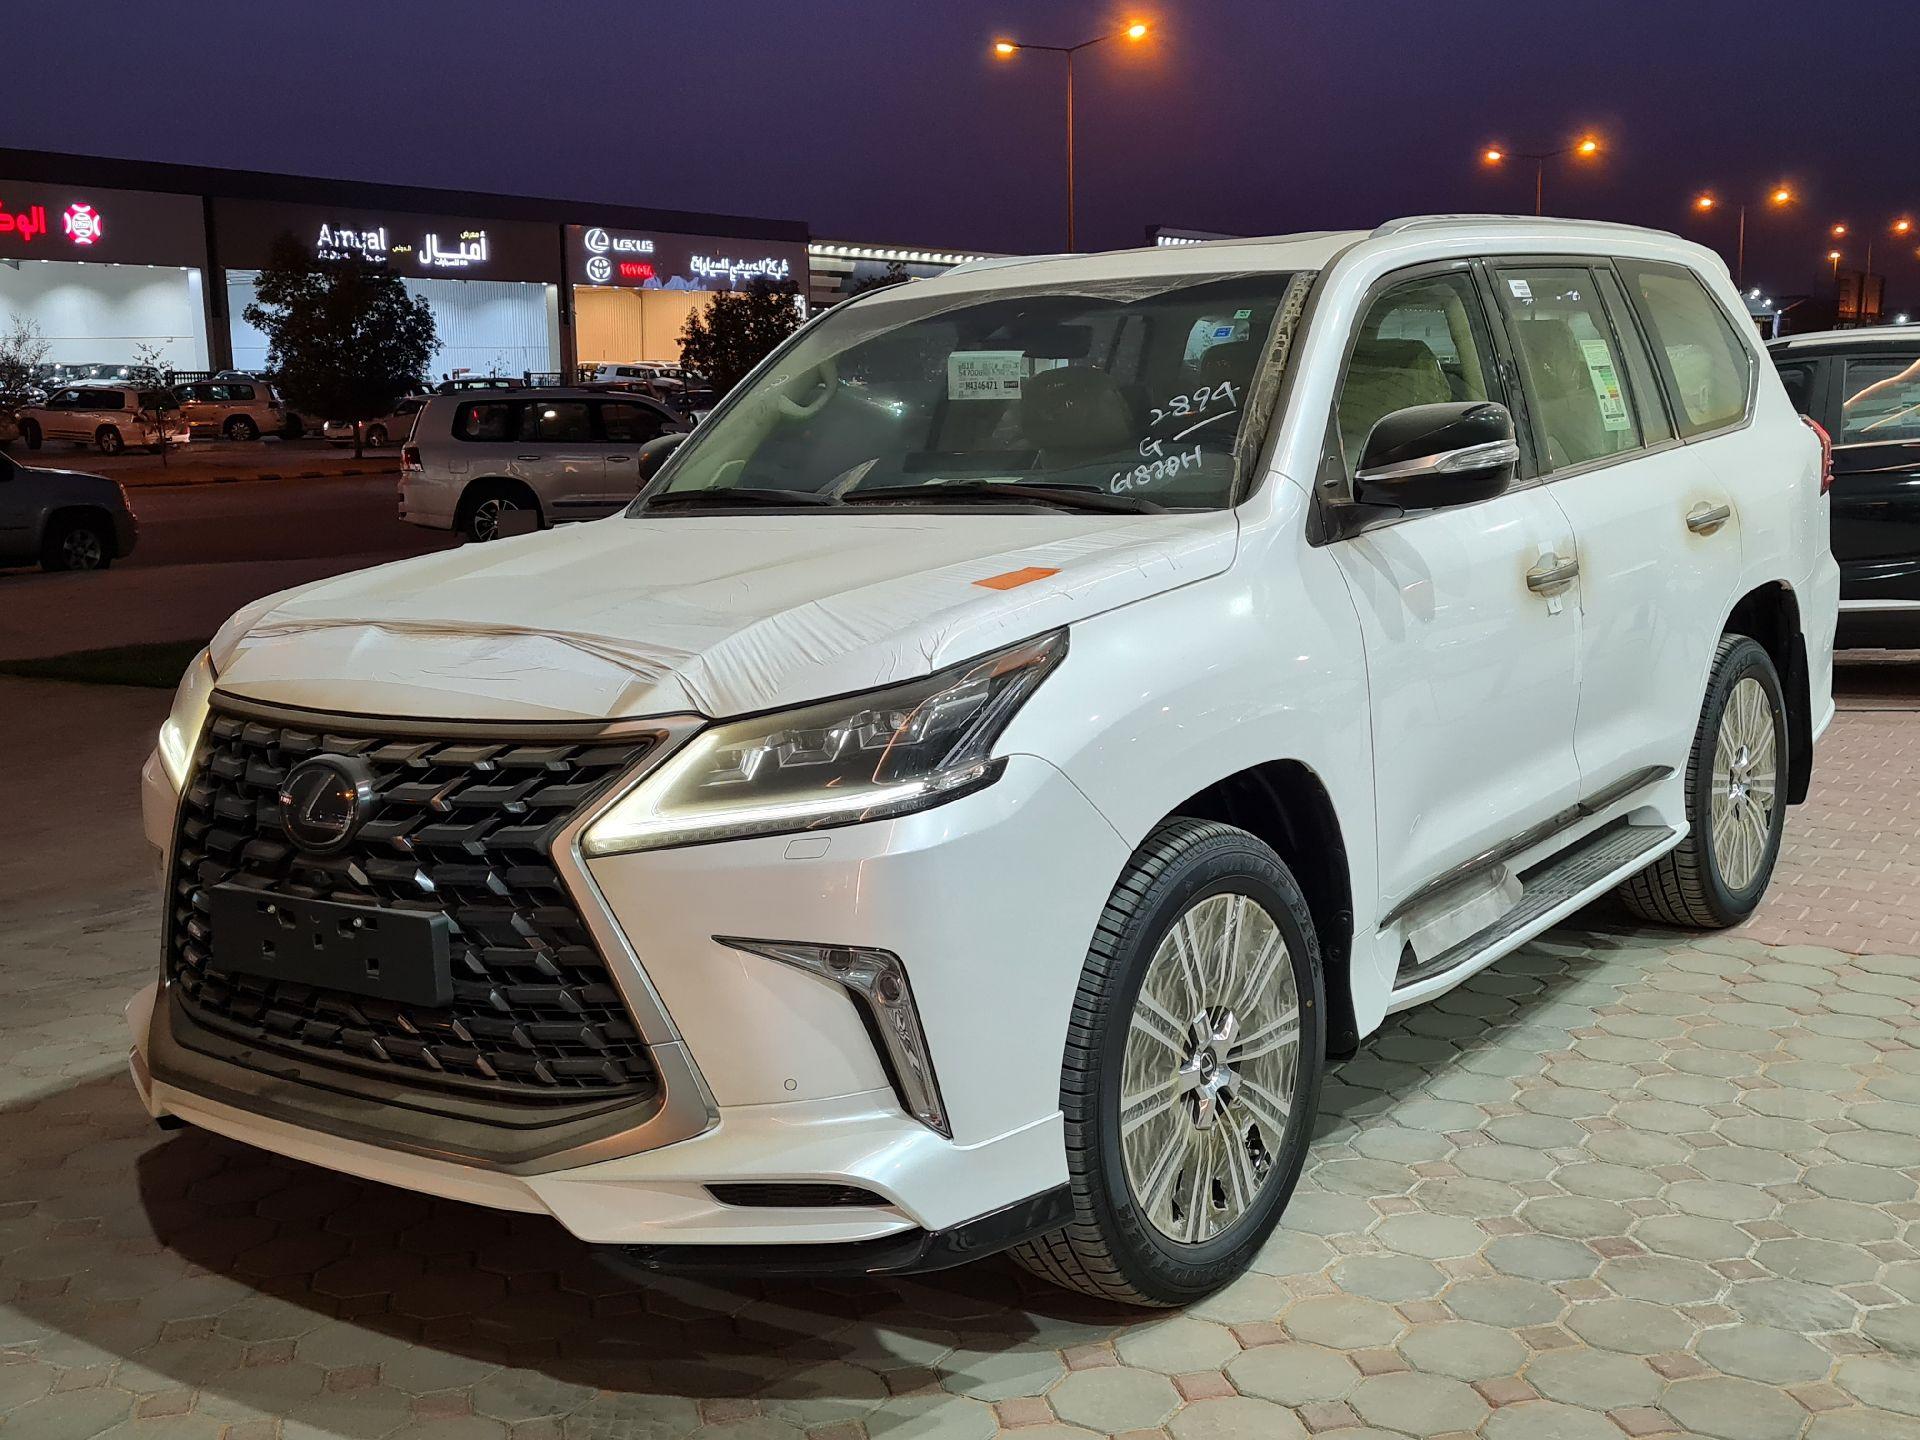 لكزس LX 570-S Sport فل 2021 دبل سعودي جديد للبيع في الرياض - السعودية - صورة كبيرة - 1